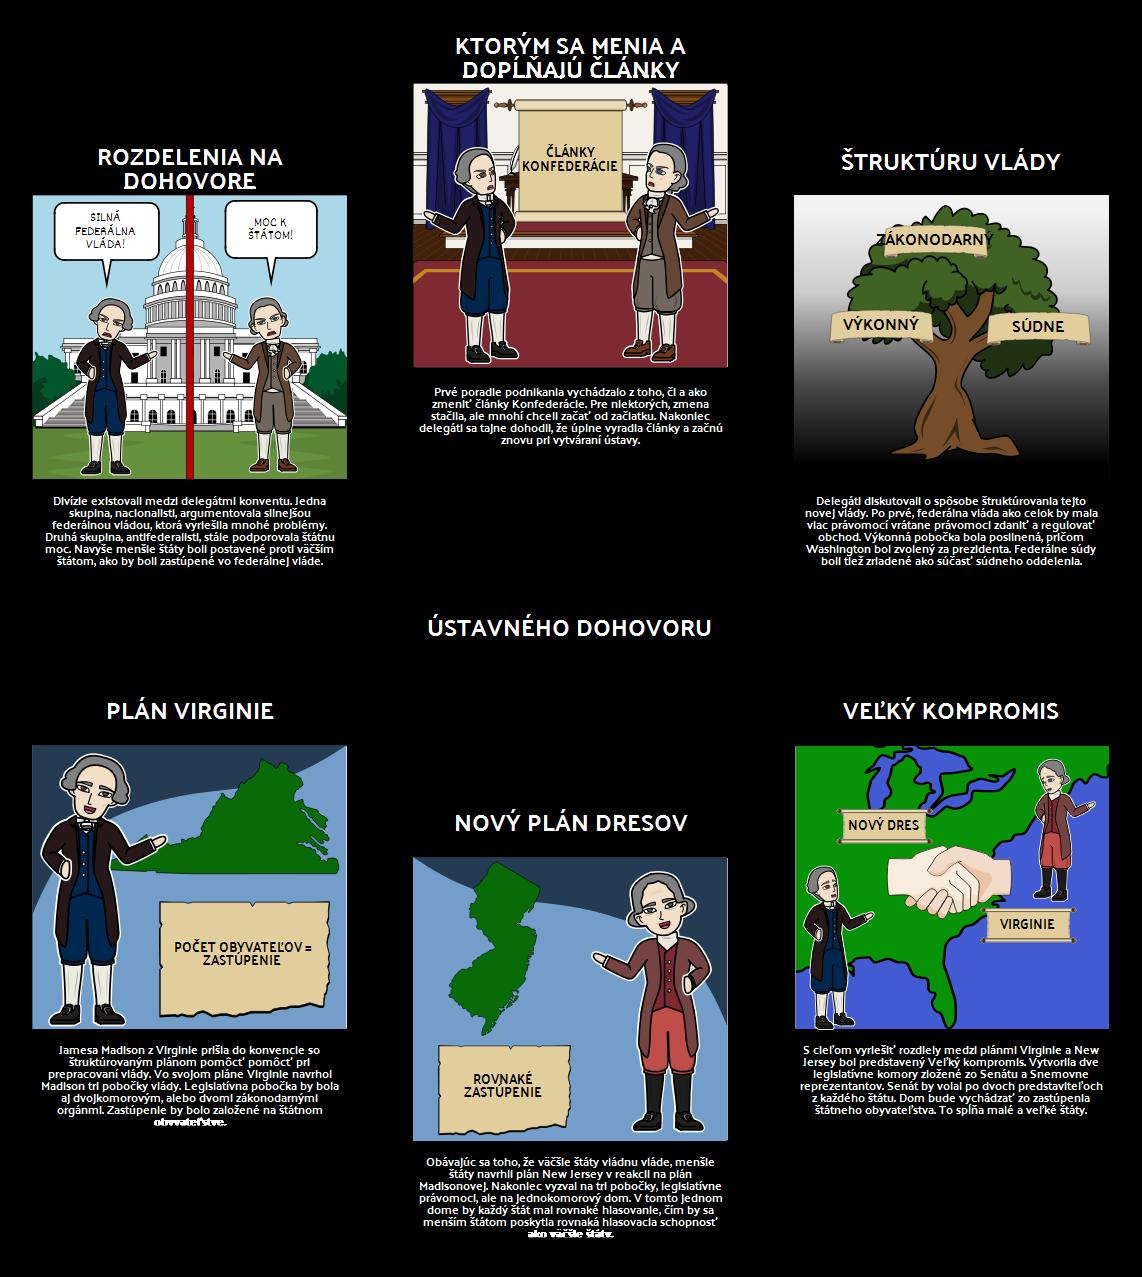 Federalizmus - Ústavný Dohovor